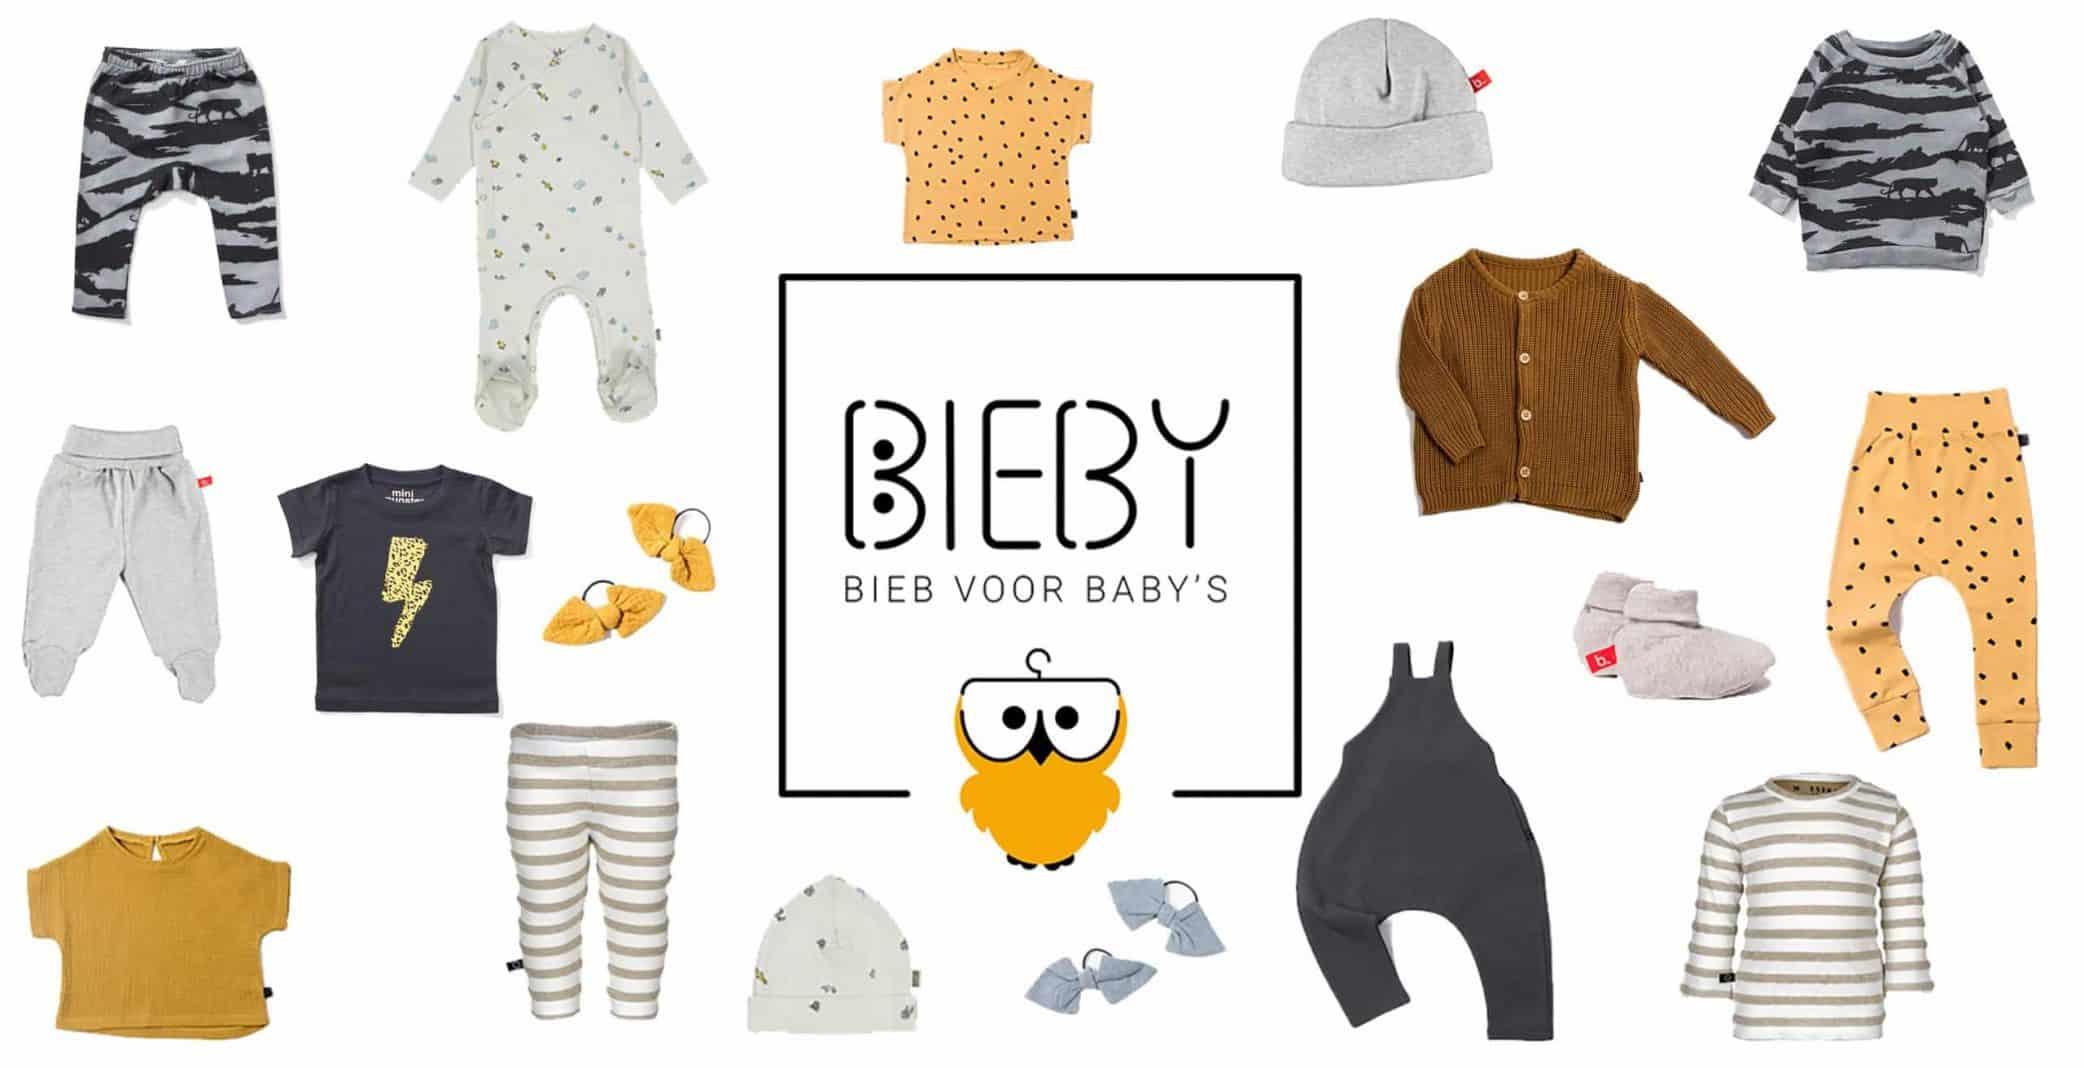 kledingbieb voor baby's